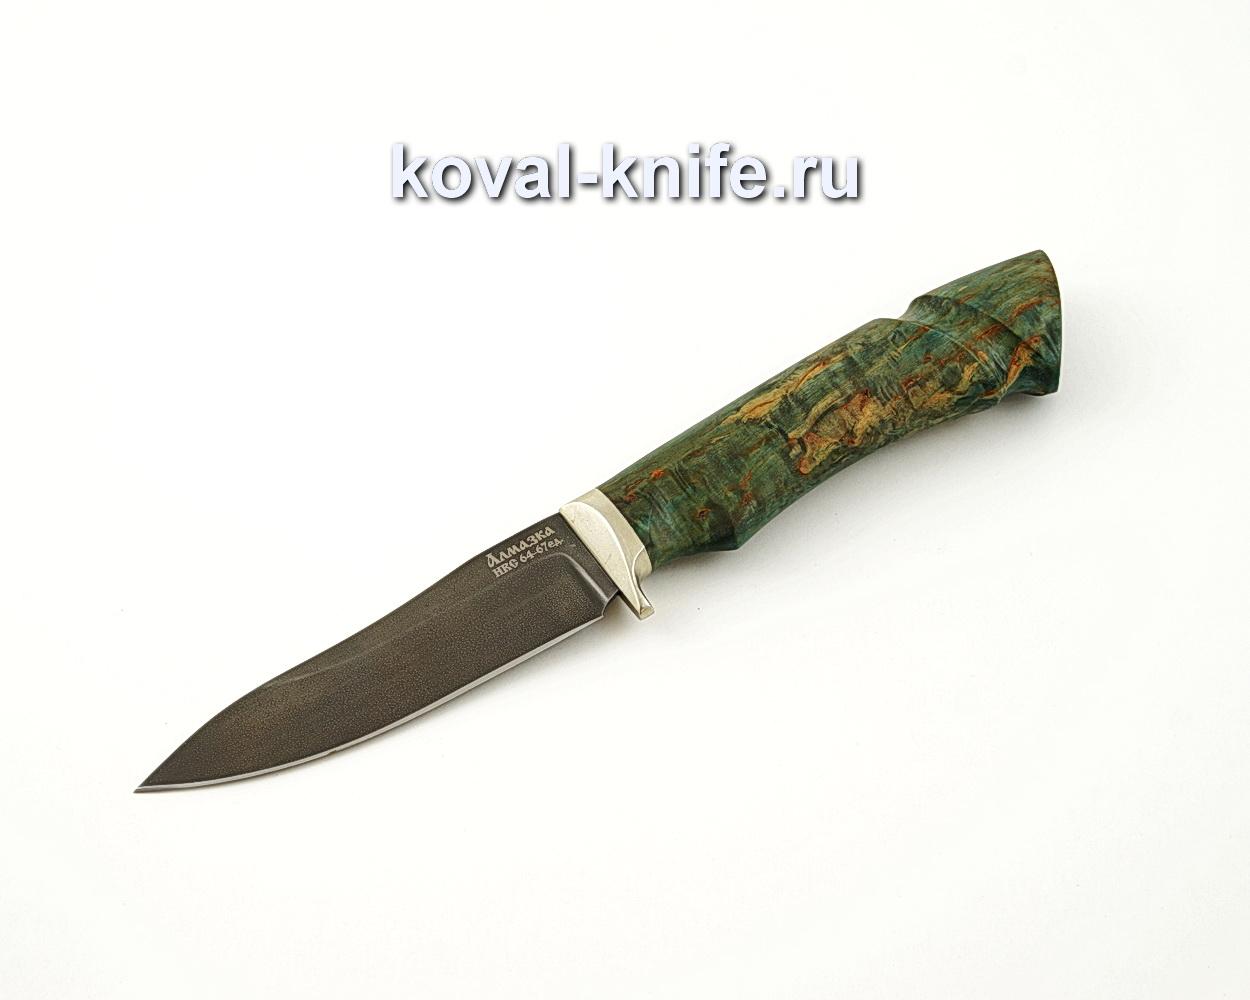 Нож Лань из алмазной стали ХВ5 с рукоятью из стабилизированной карельской березы, гарда мельхиор A540